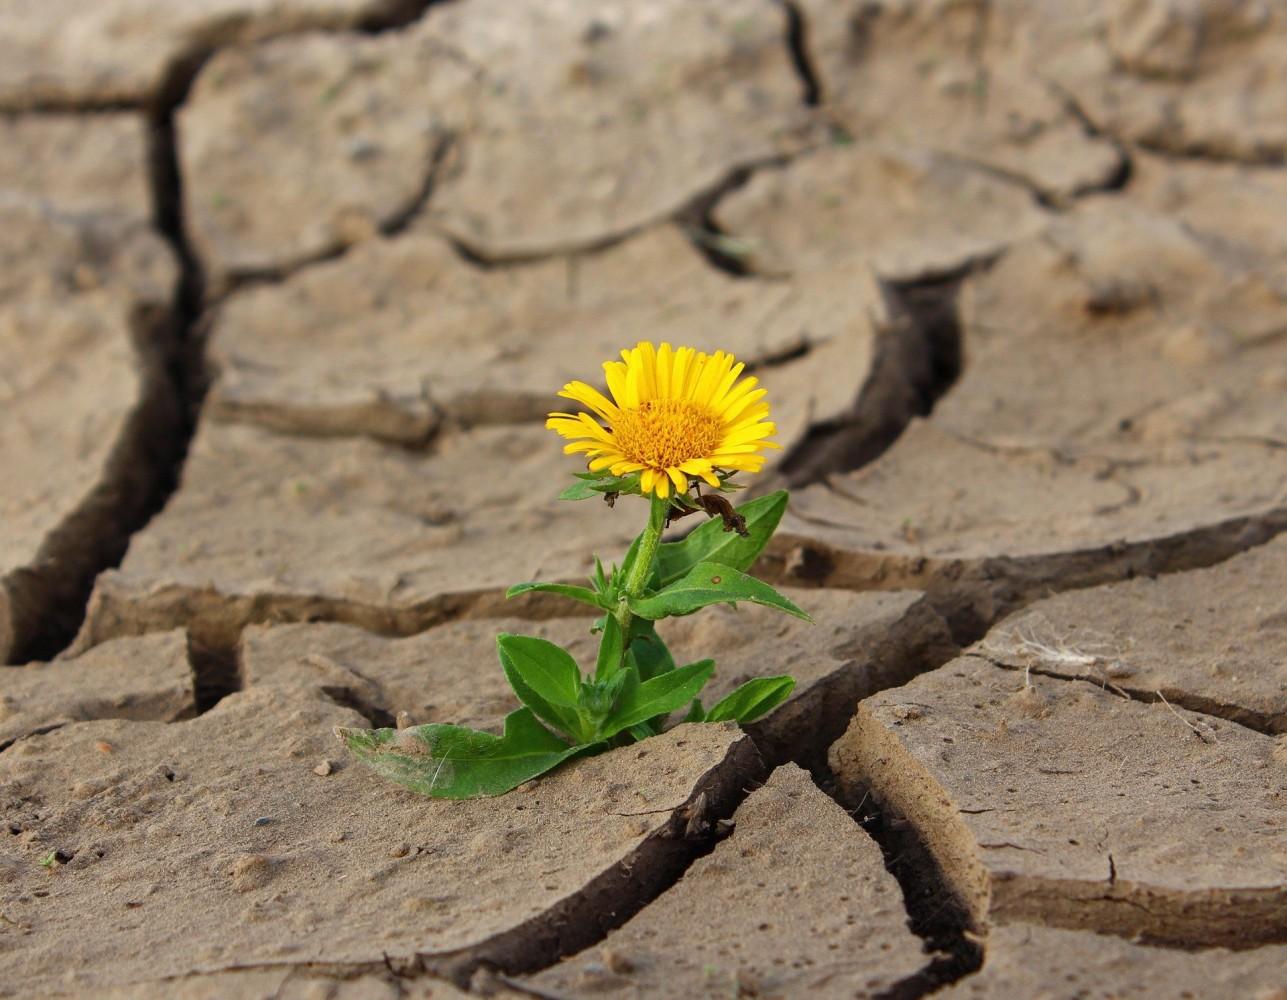 Changement climatique : comment réagir ?